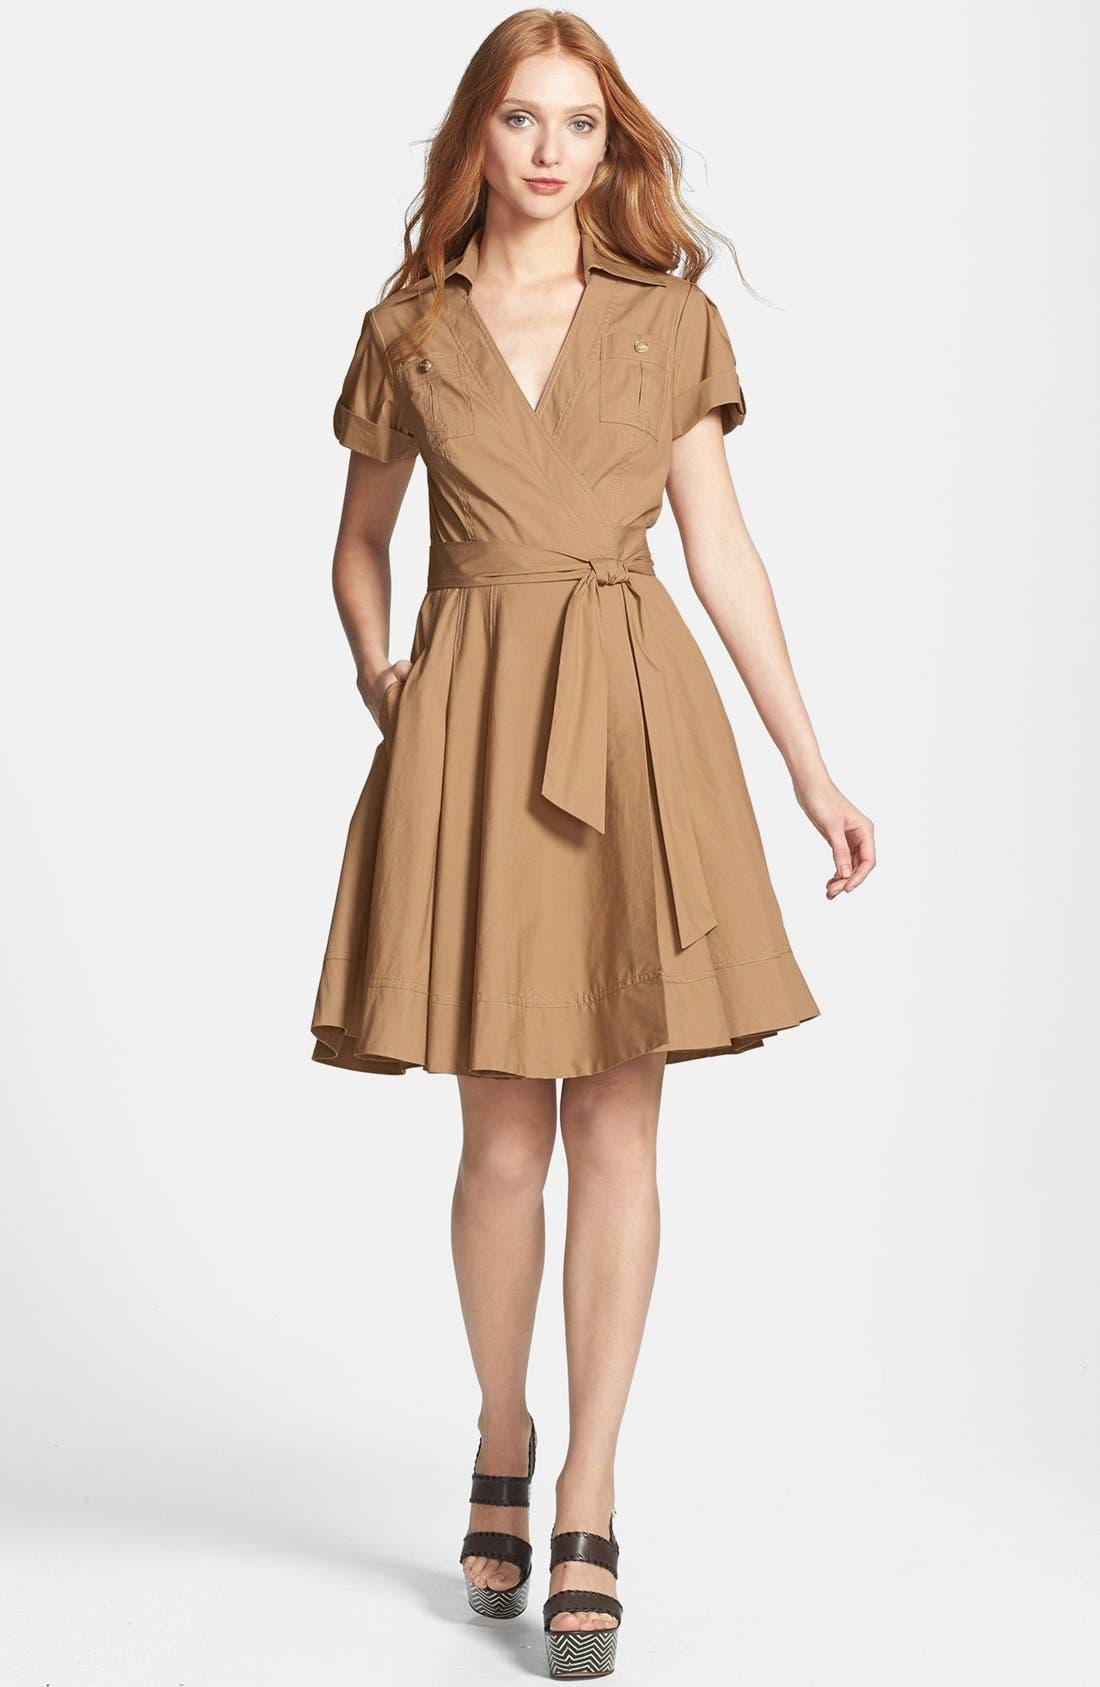 'Kaley' Pleated Cotton Blend Wrap Dress,                             Main thumbnail 1, color,                             250